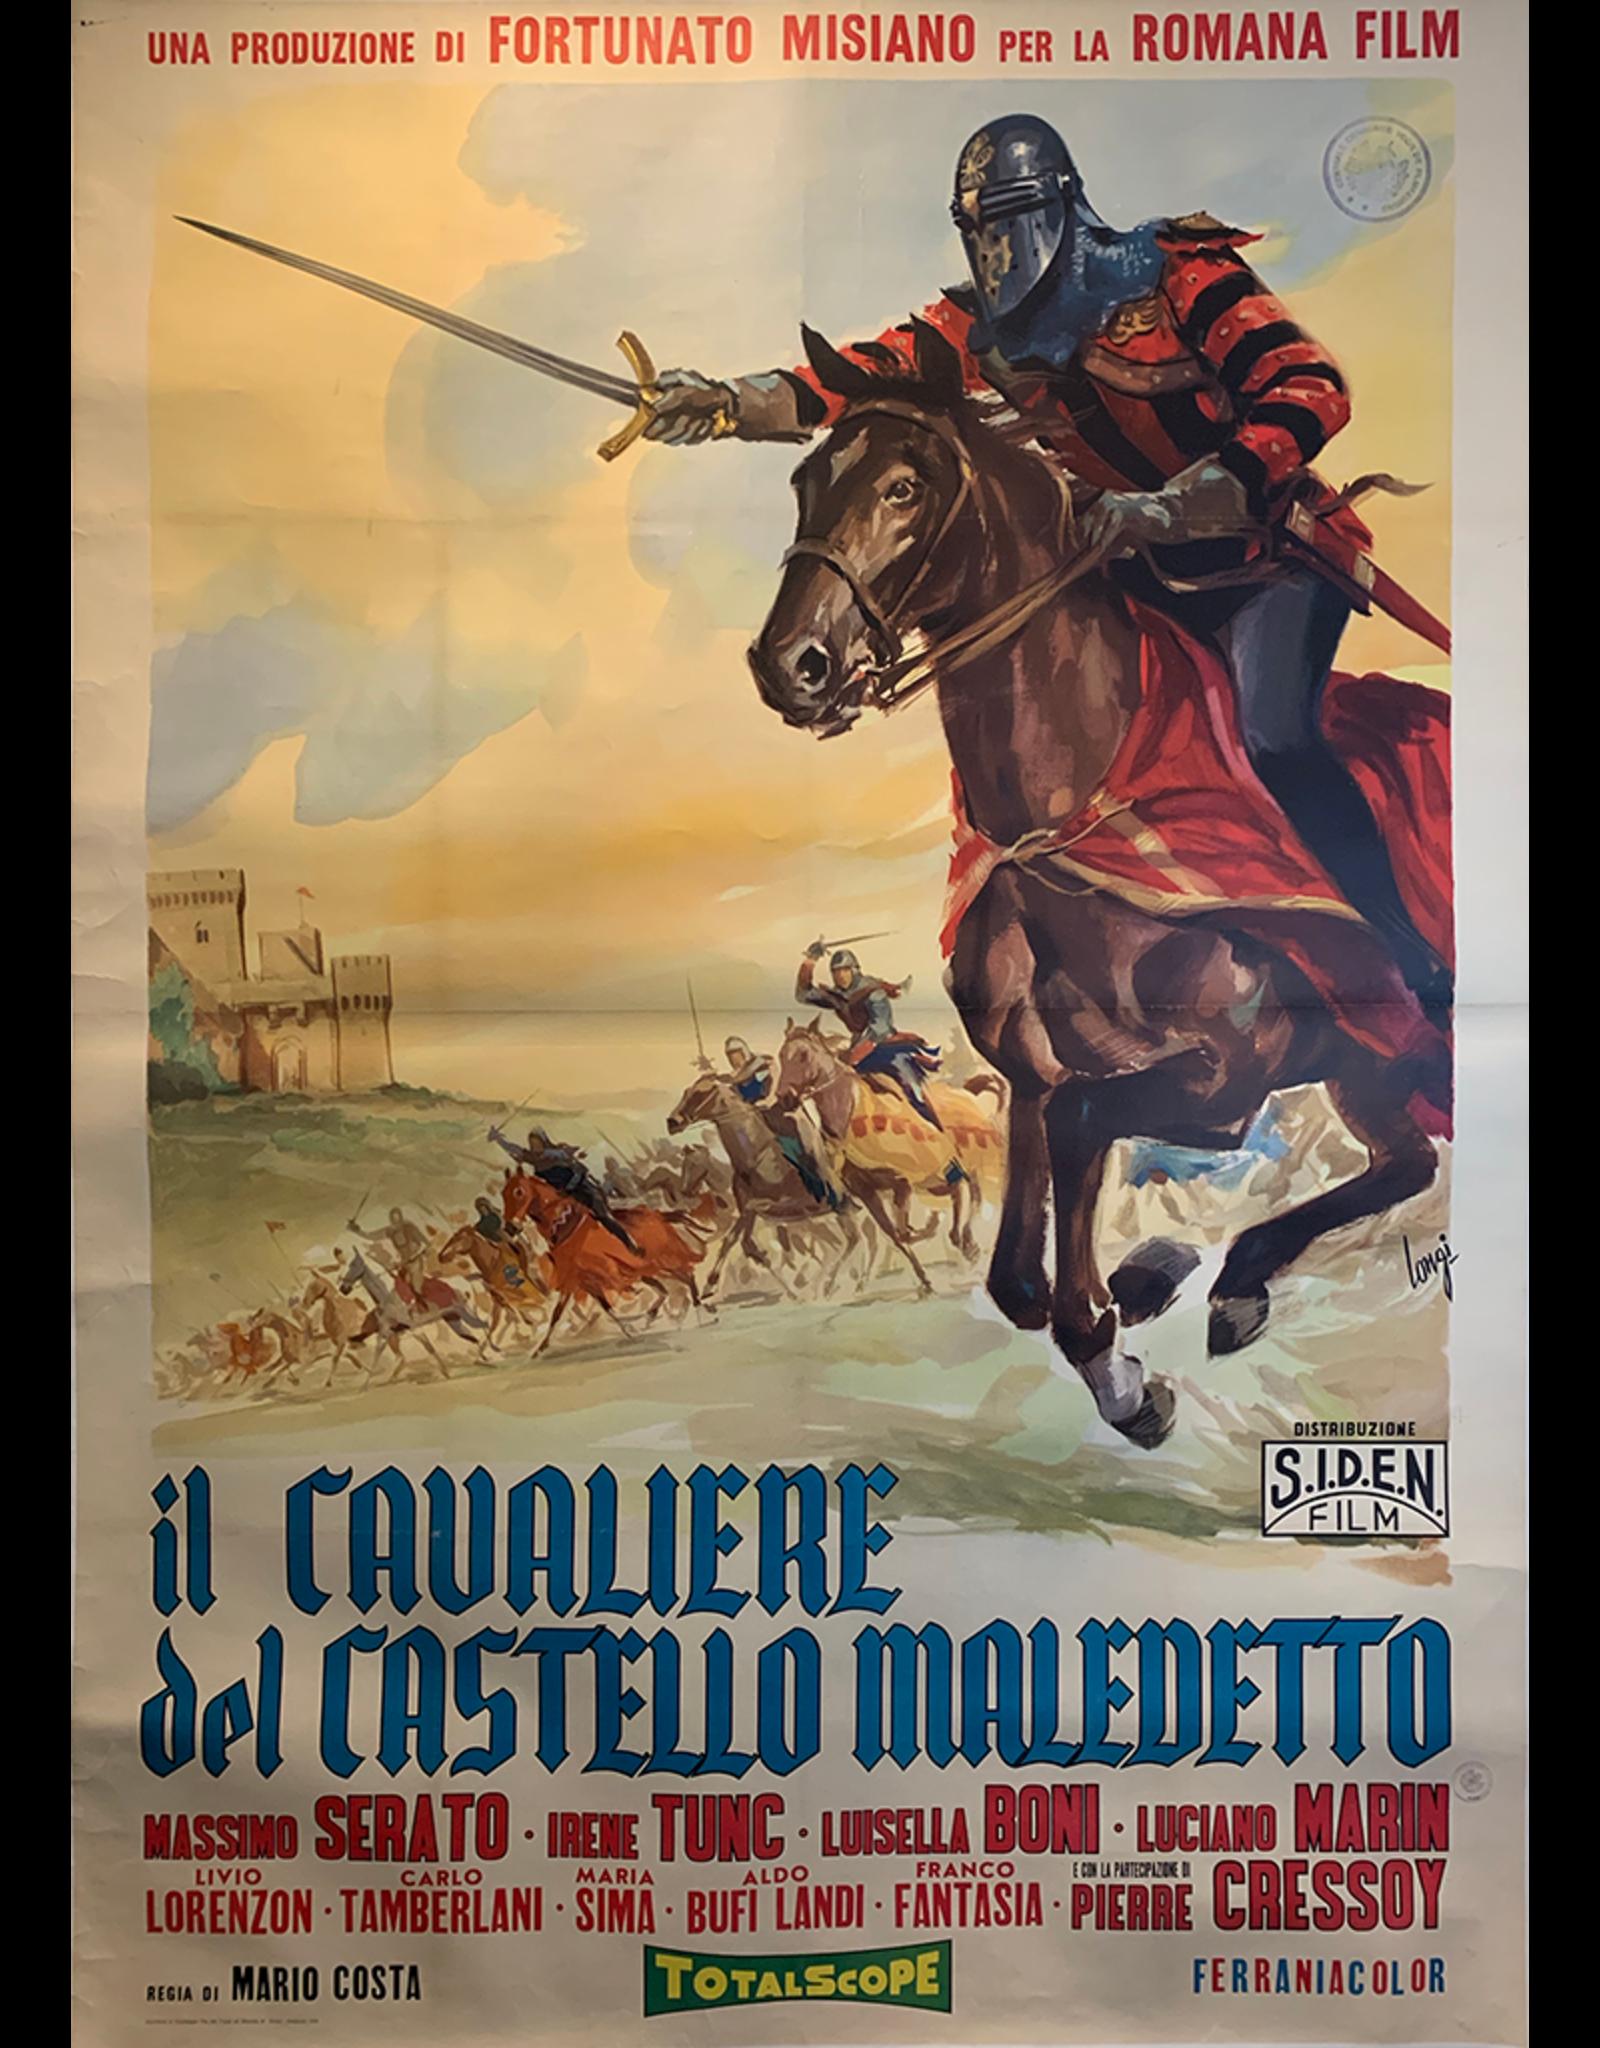 SPV il Cavaliere del Castello Maledetto